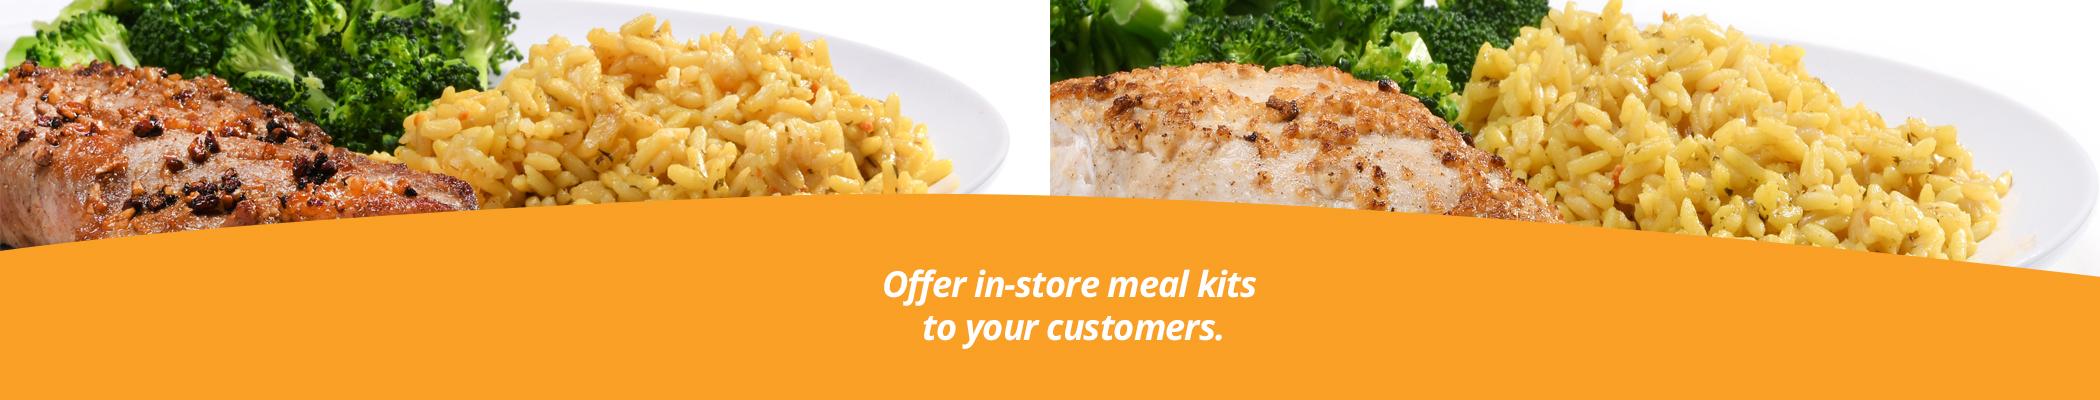 chefkit-retailer-top-banner-002.jpg